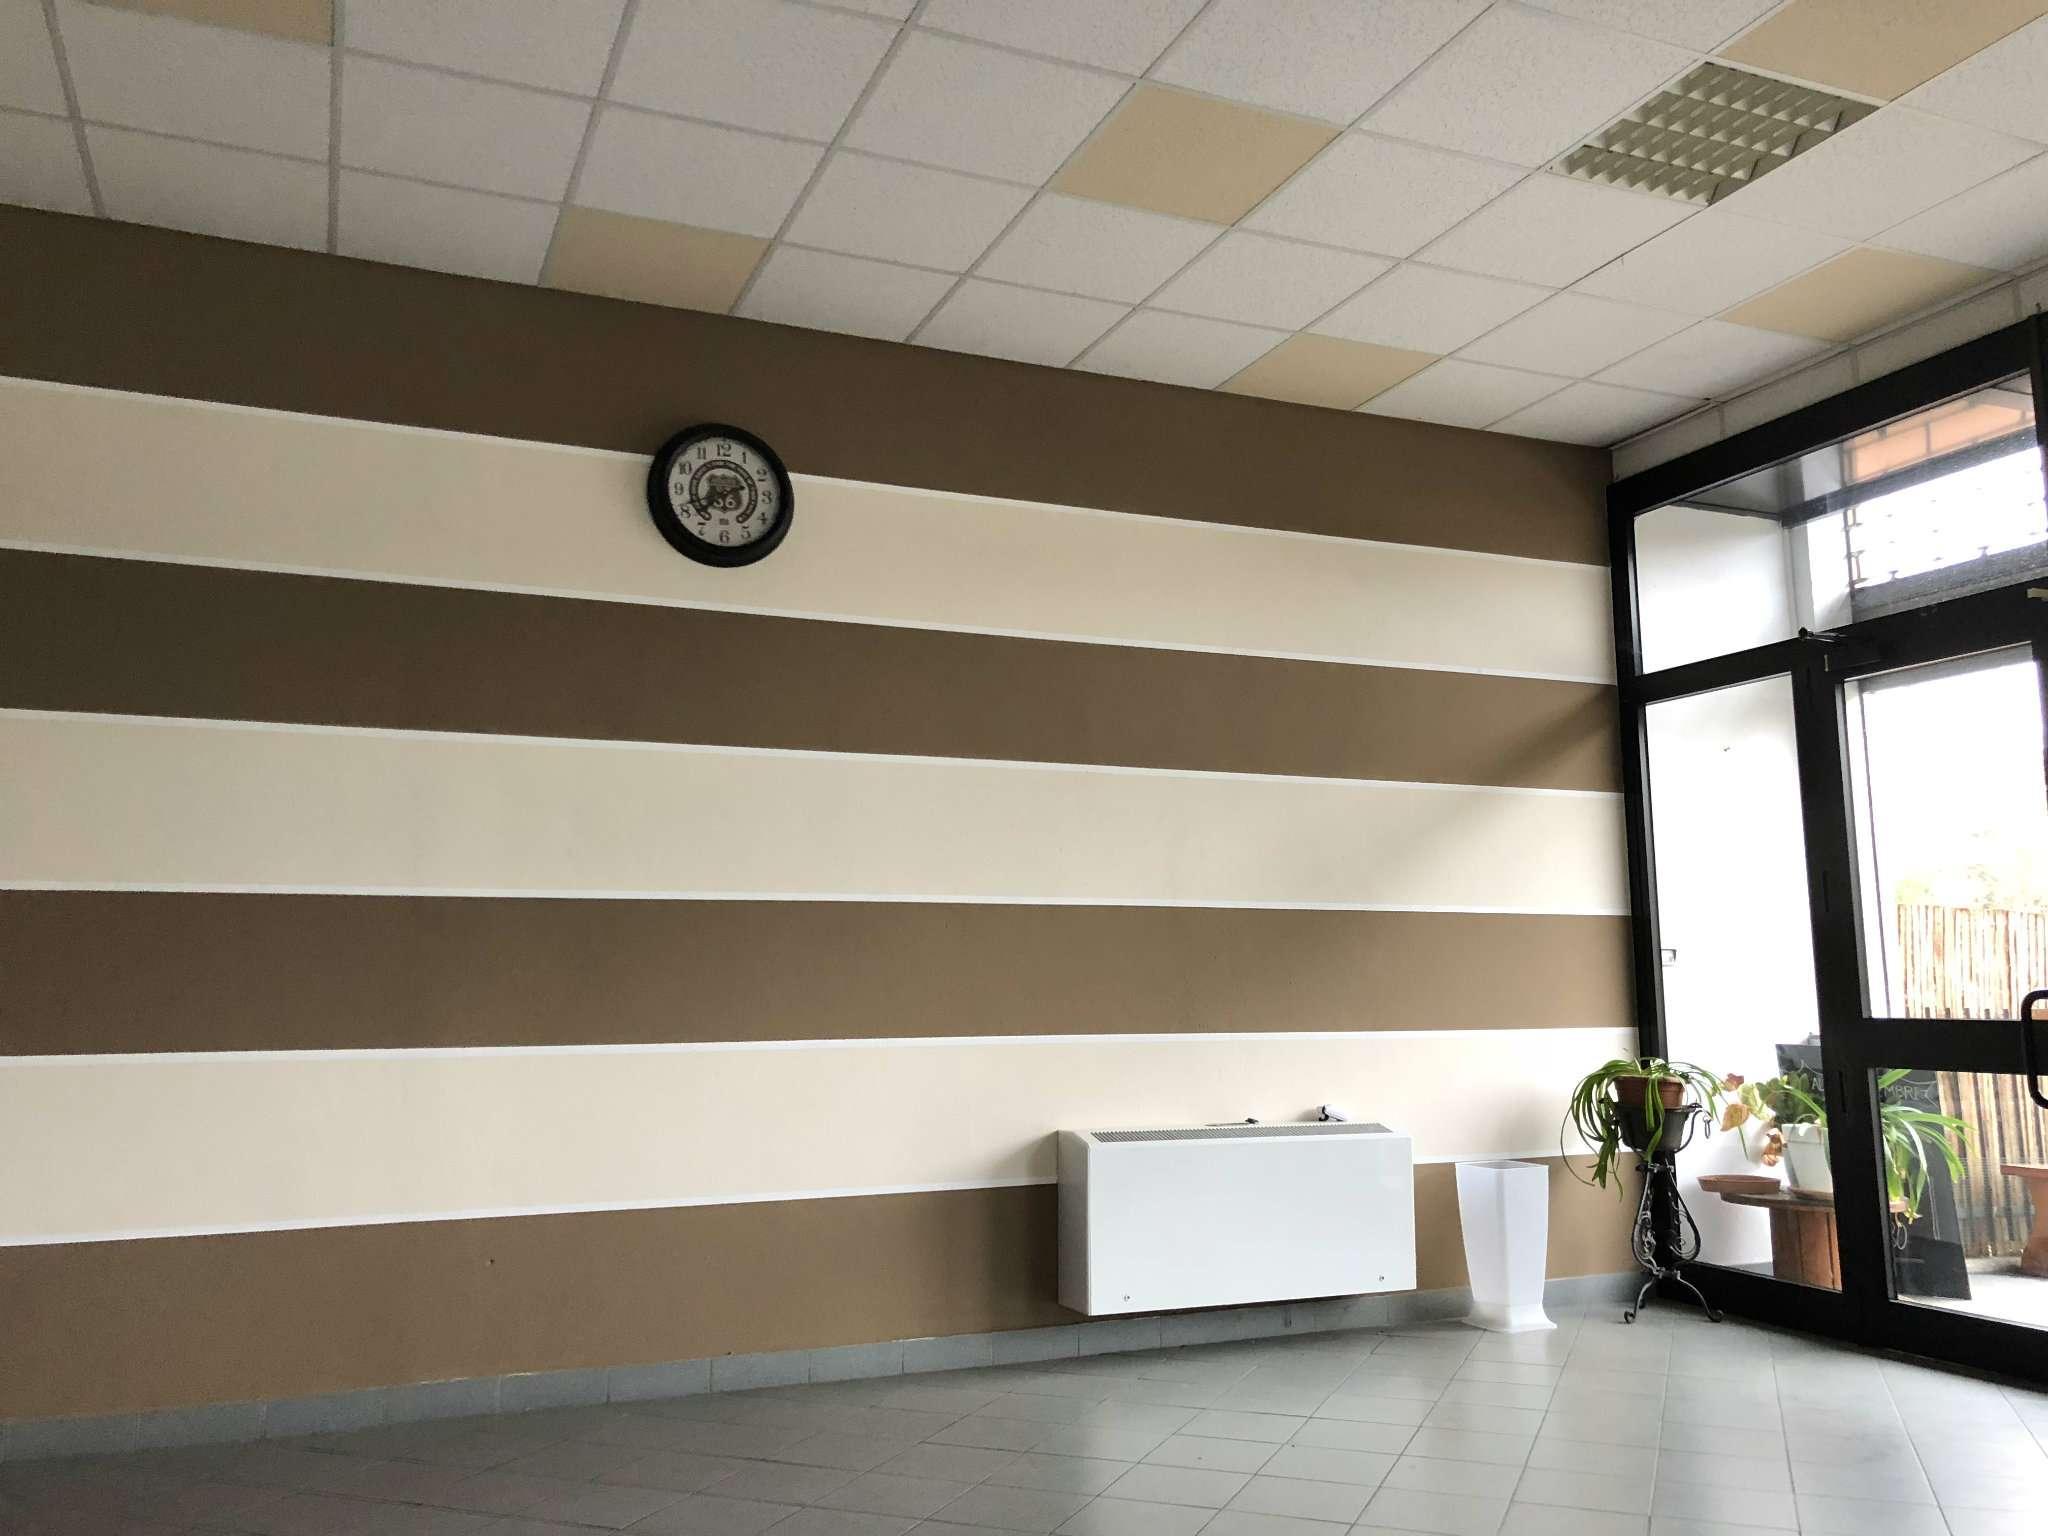 Negozio / Locale in affitto a Vedano Olona, 1 locali, prezzo € 1.500 | CambioCasa.it